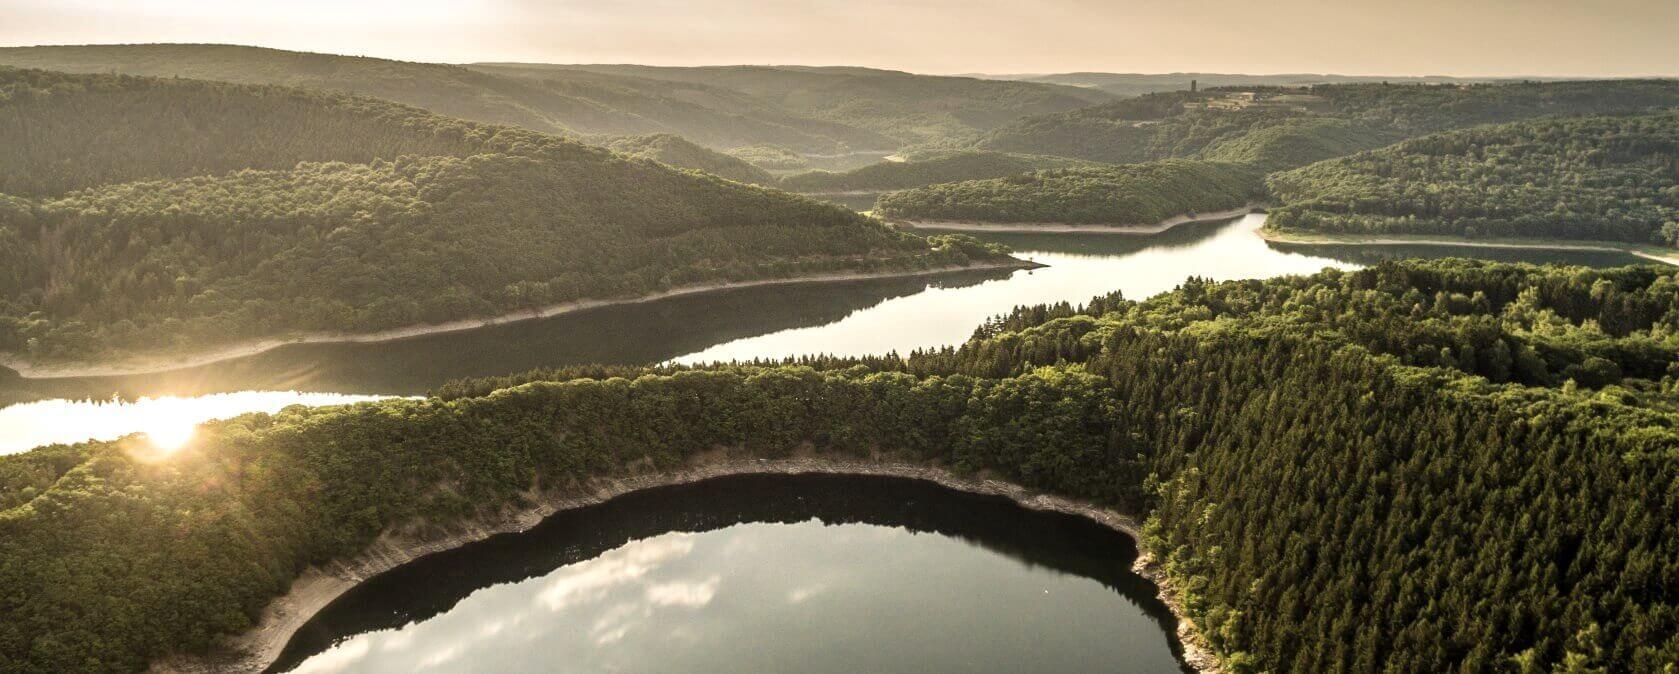 the eifle national park